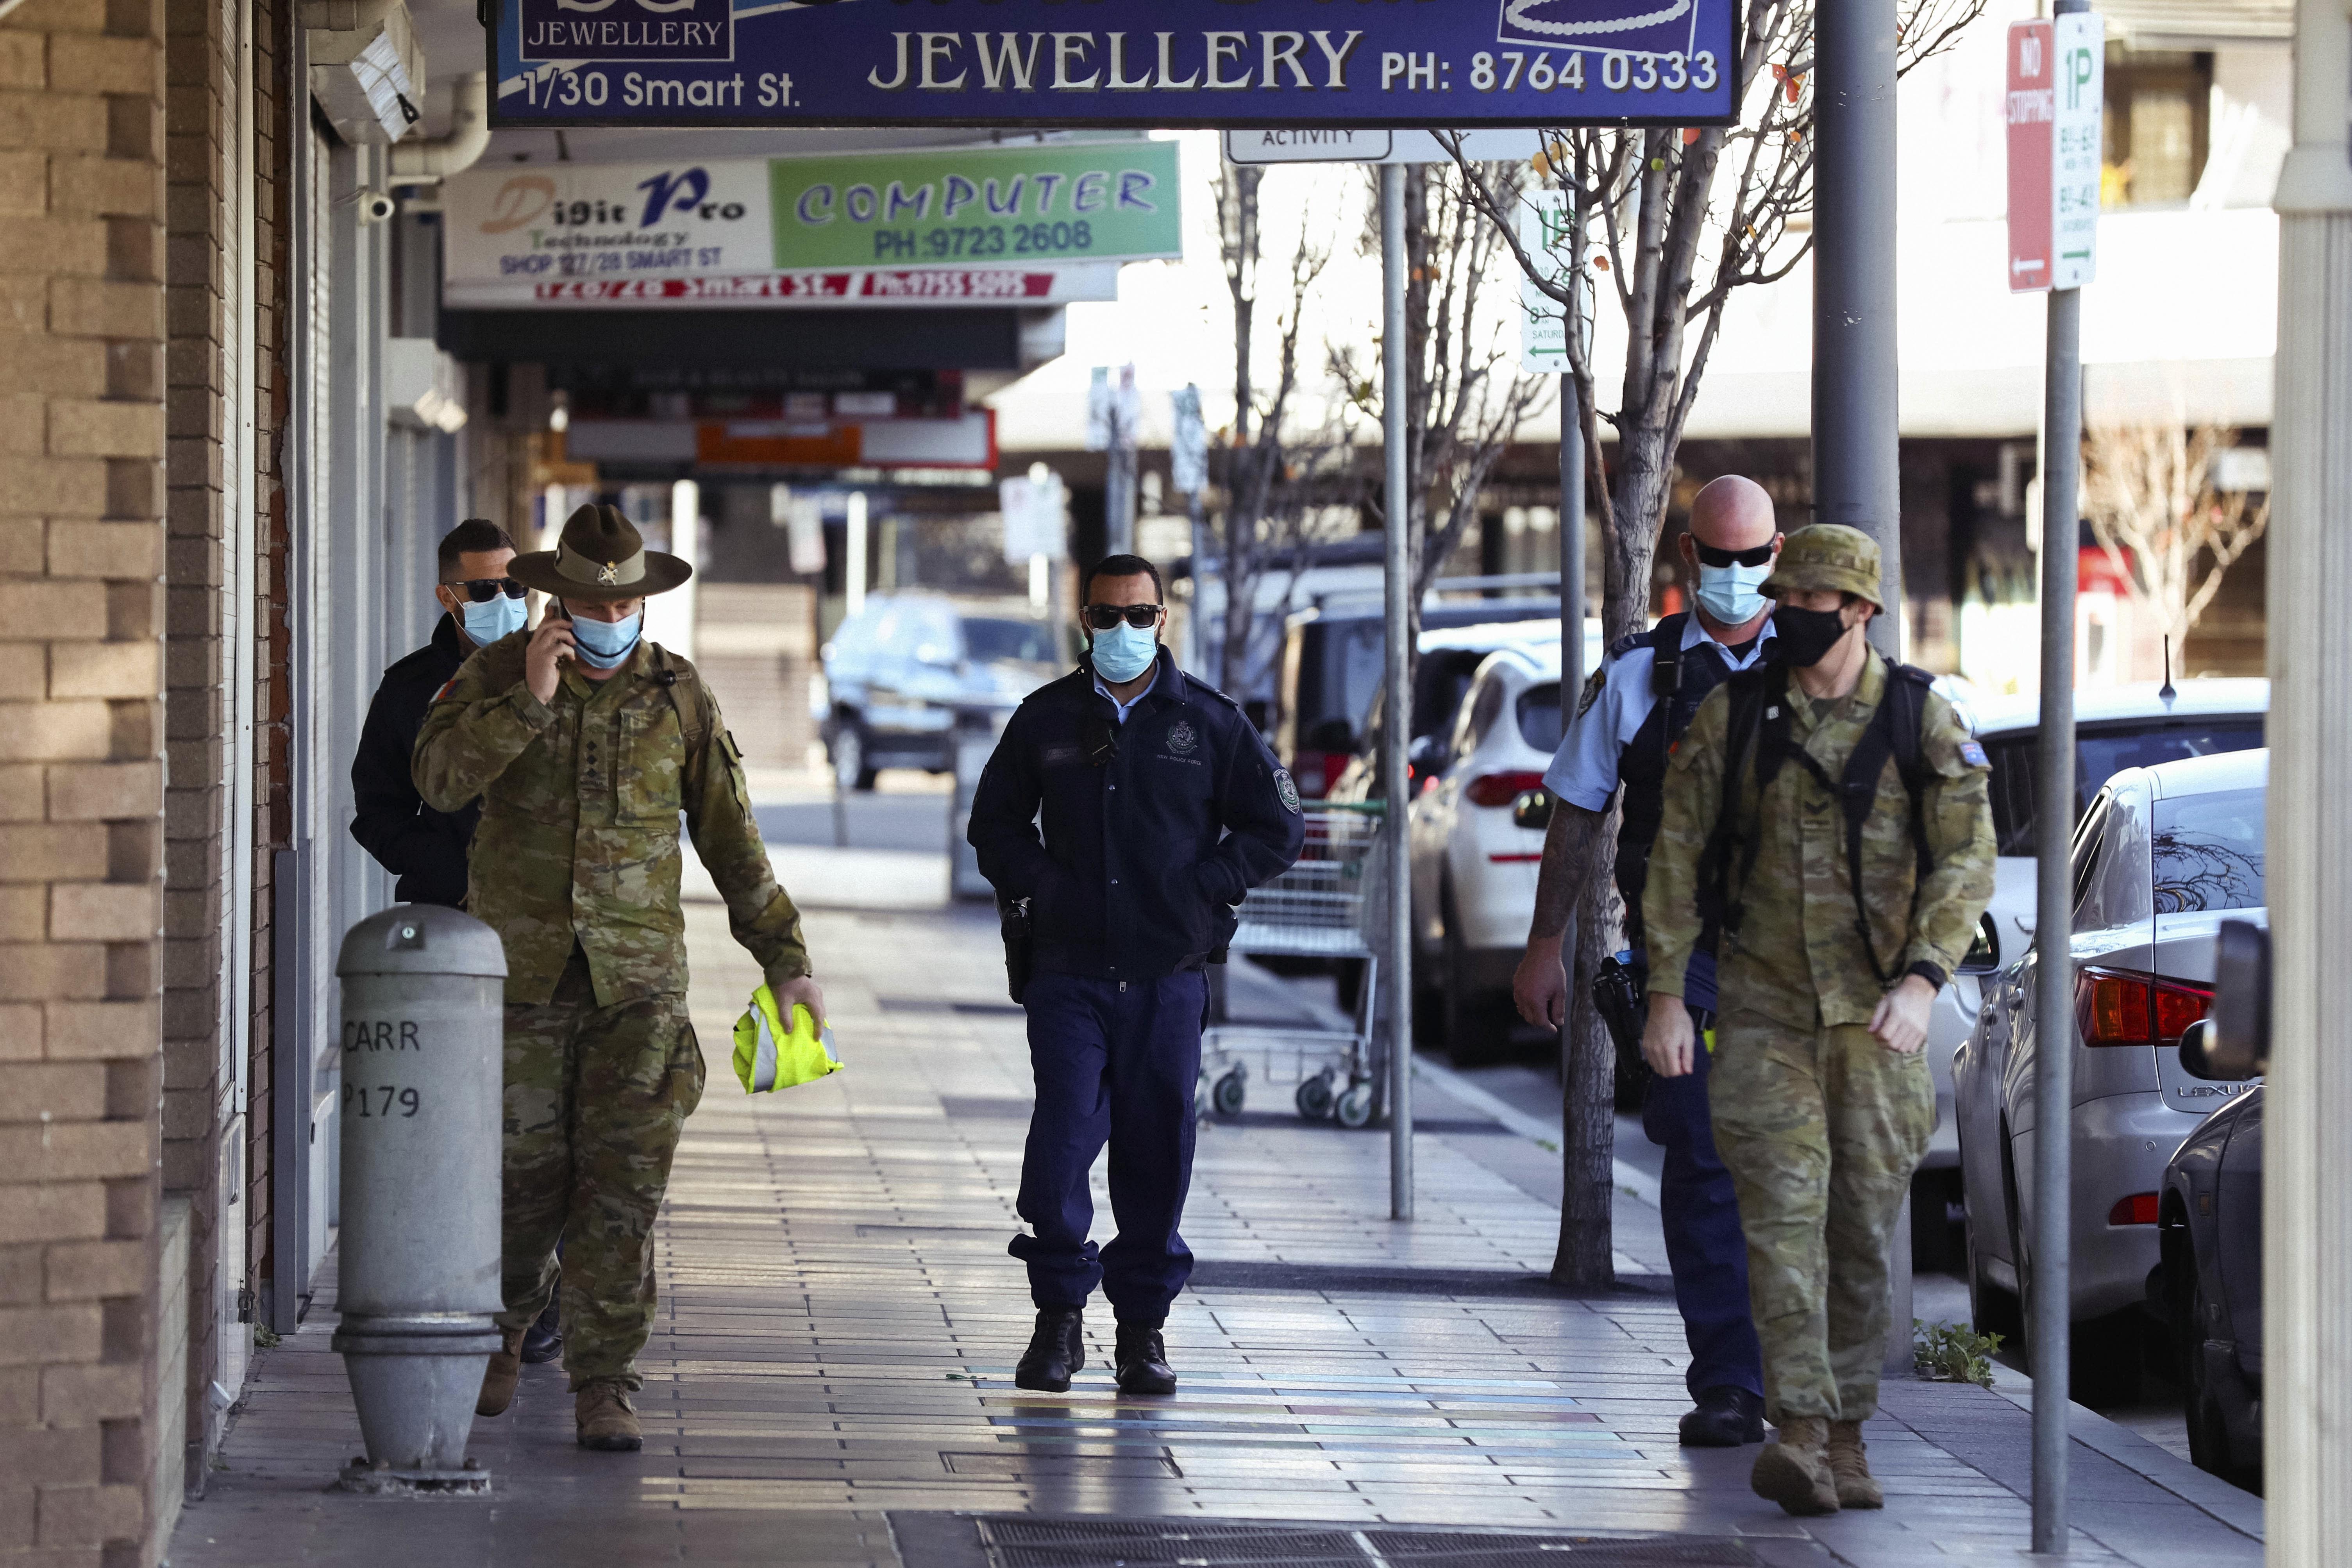 NSW records 207 new local COVID-19 cases